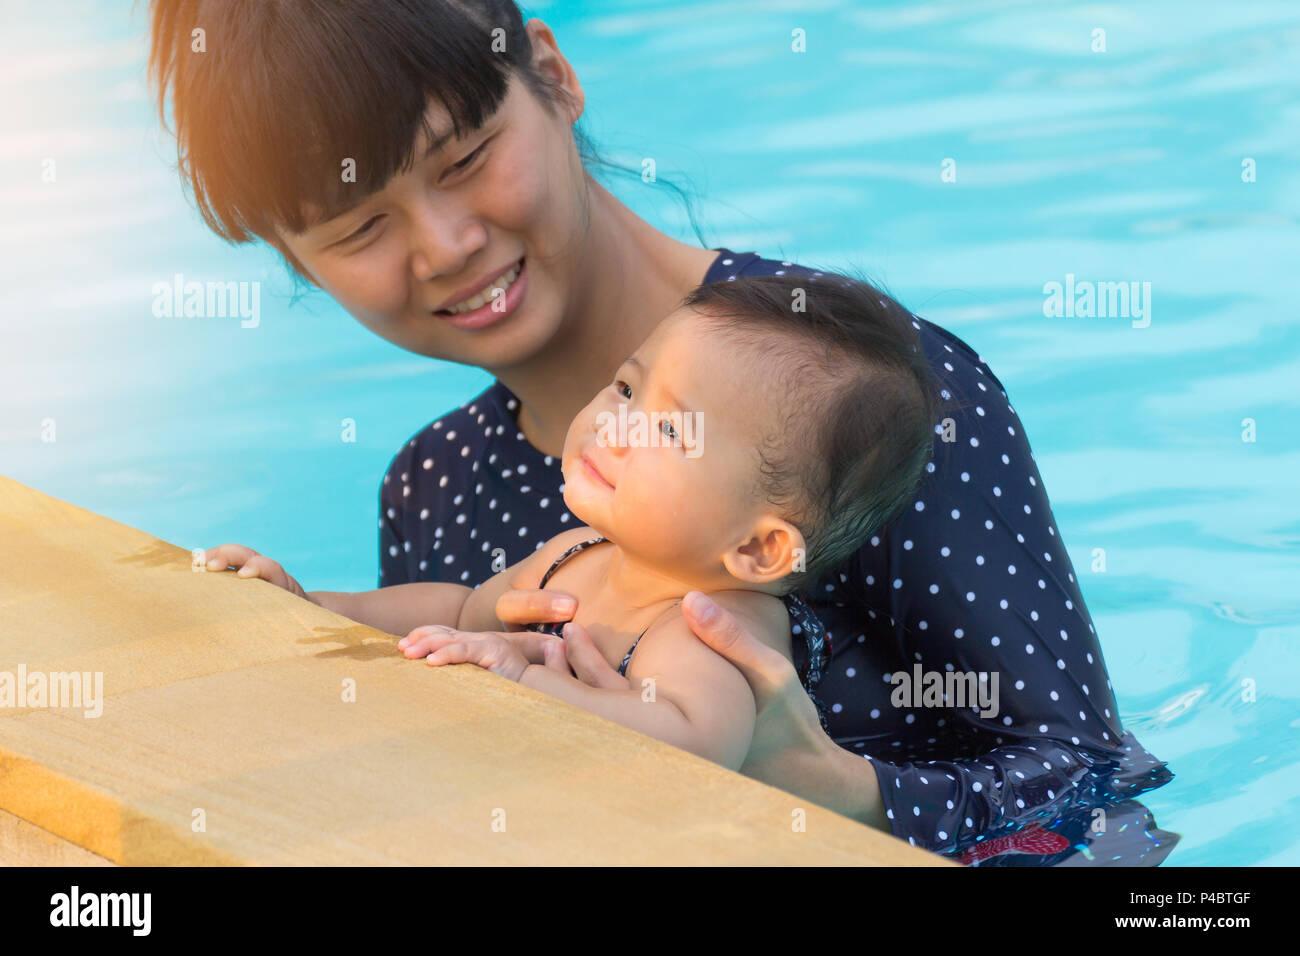 Thai Woman Swimming Pool Stock Photos Thai Woman Swimming Pool Stock Images - Alamy-1999